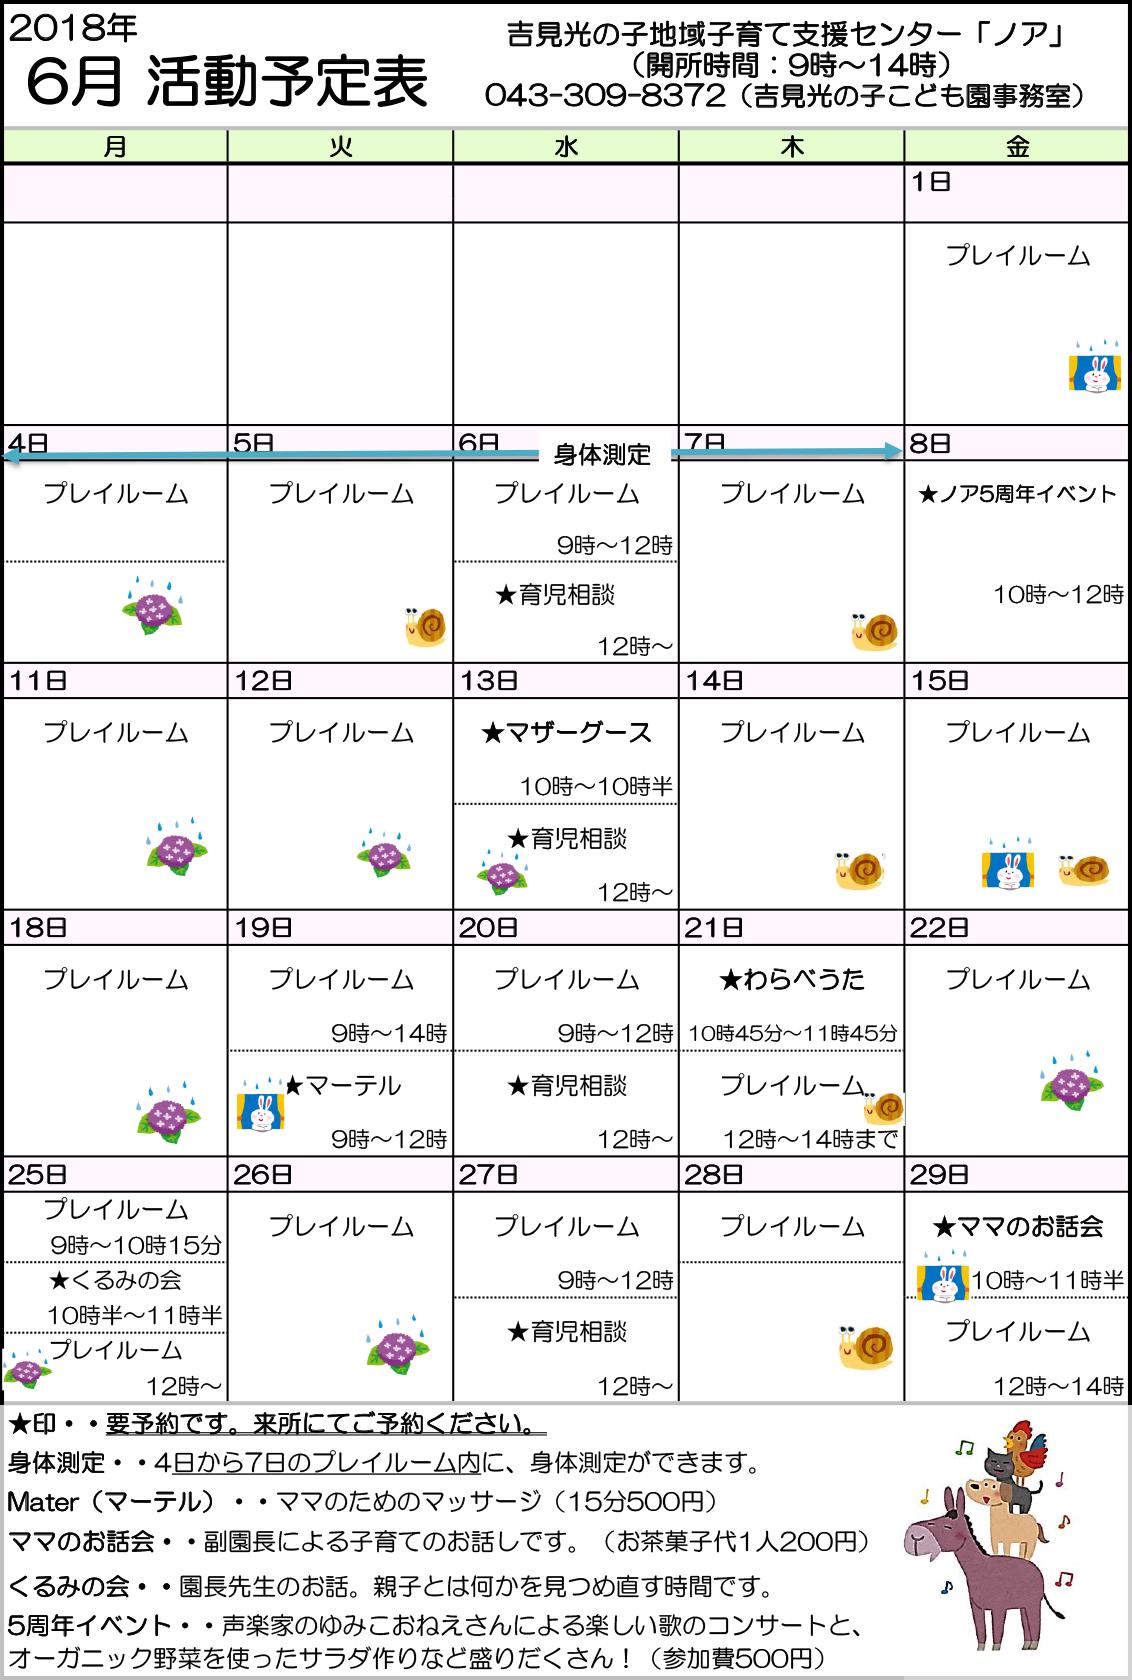 6月ノア活動予定表